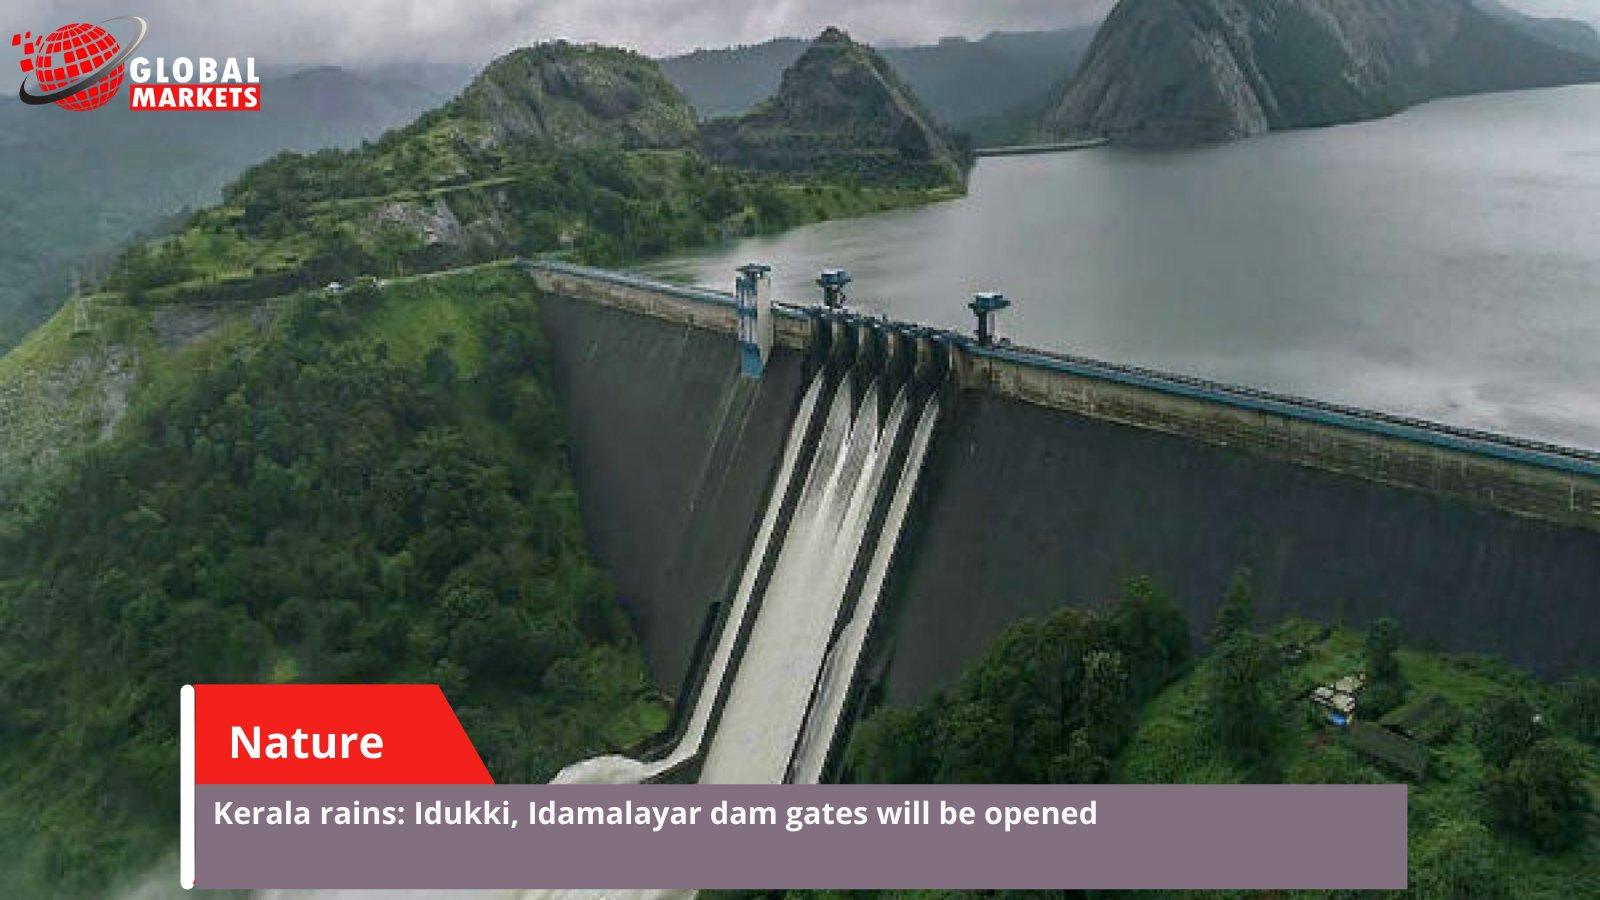 Kerala rains: Idukki, Idamalayar dam gates will be opened